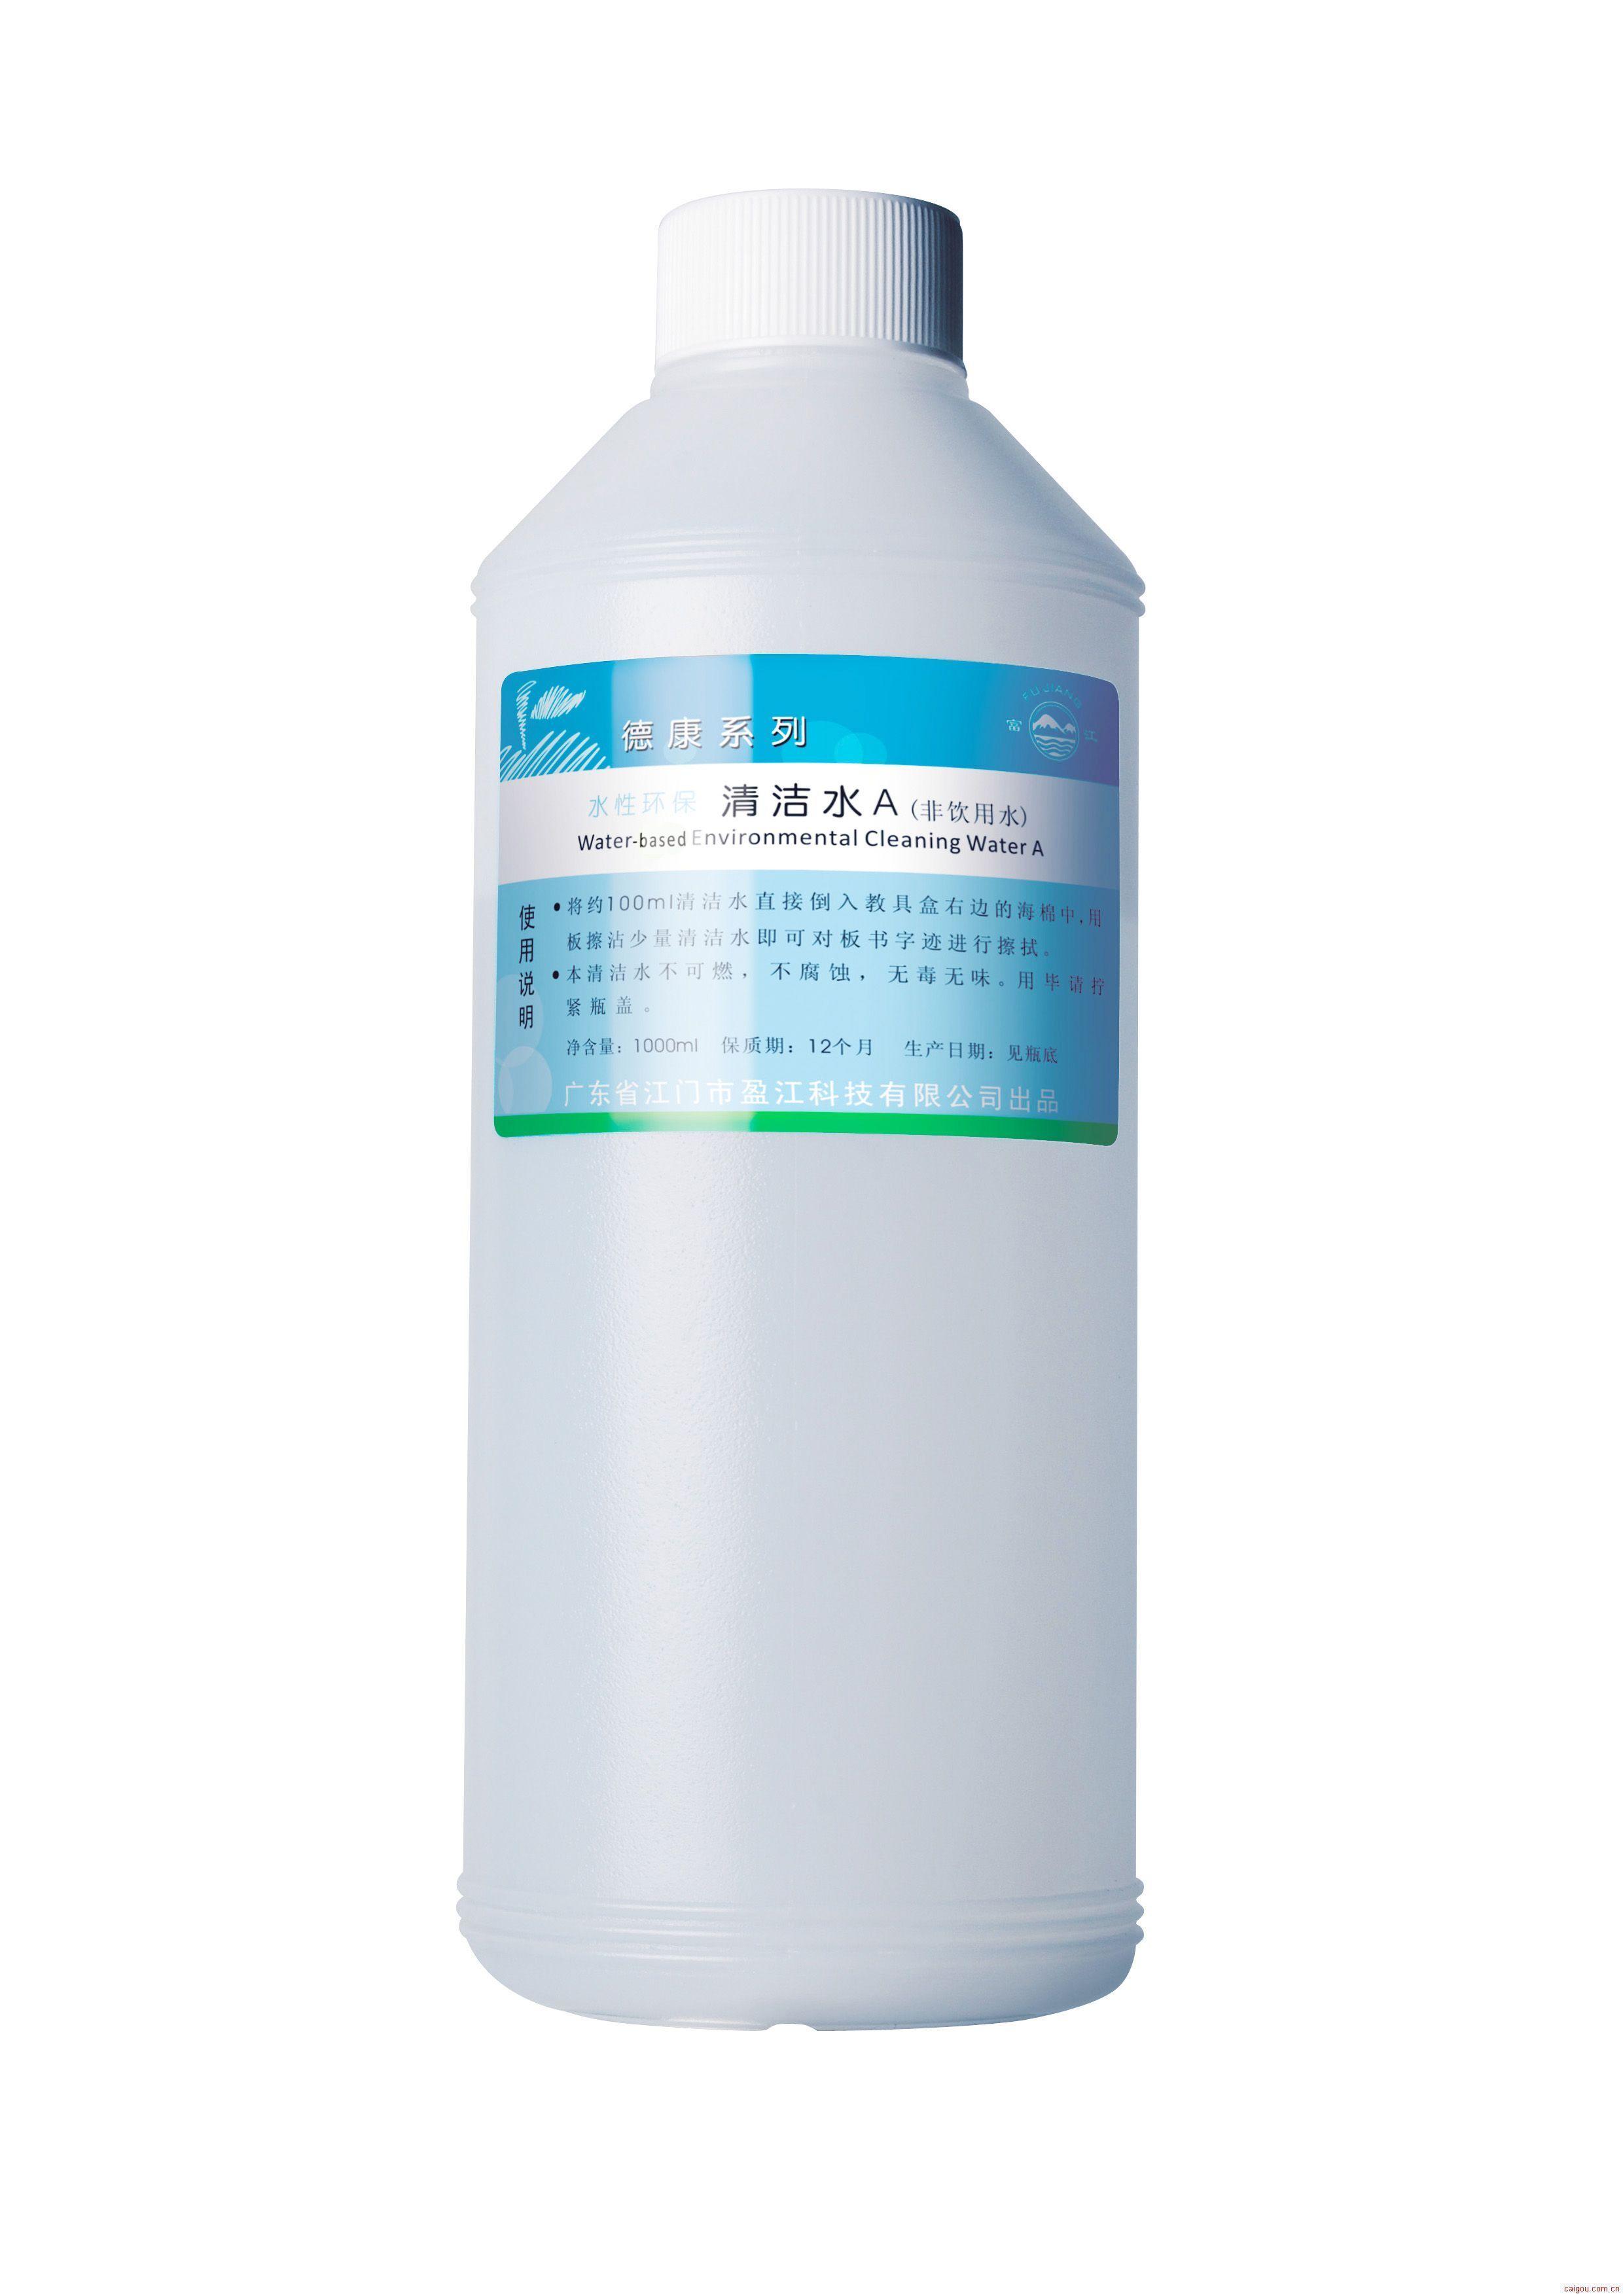 水性环保清洁水A